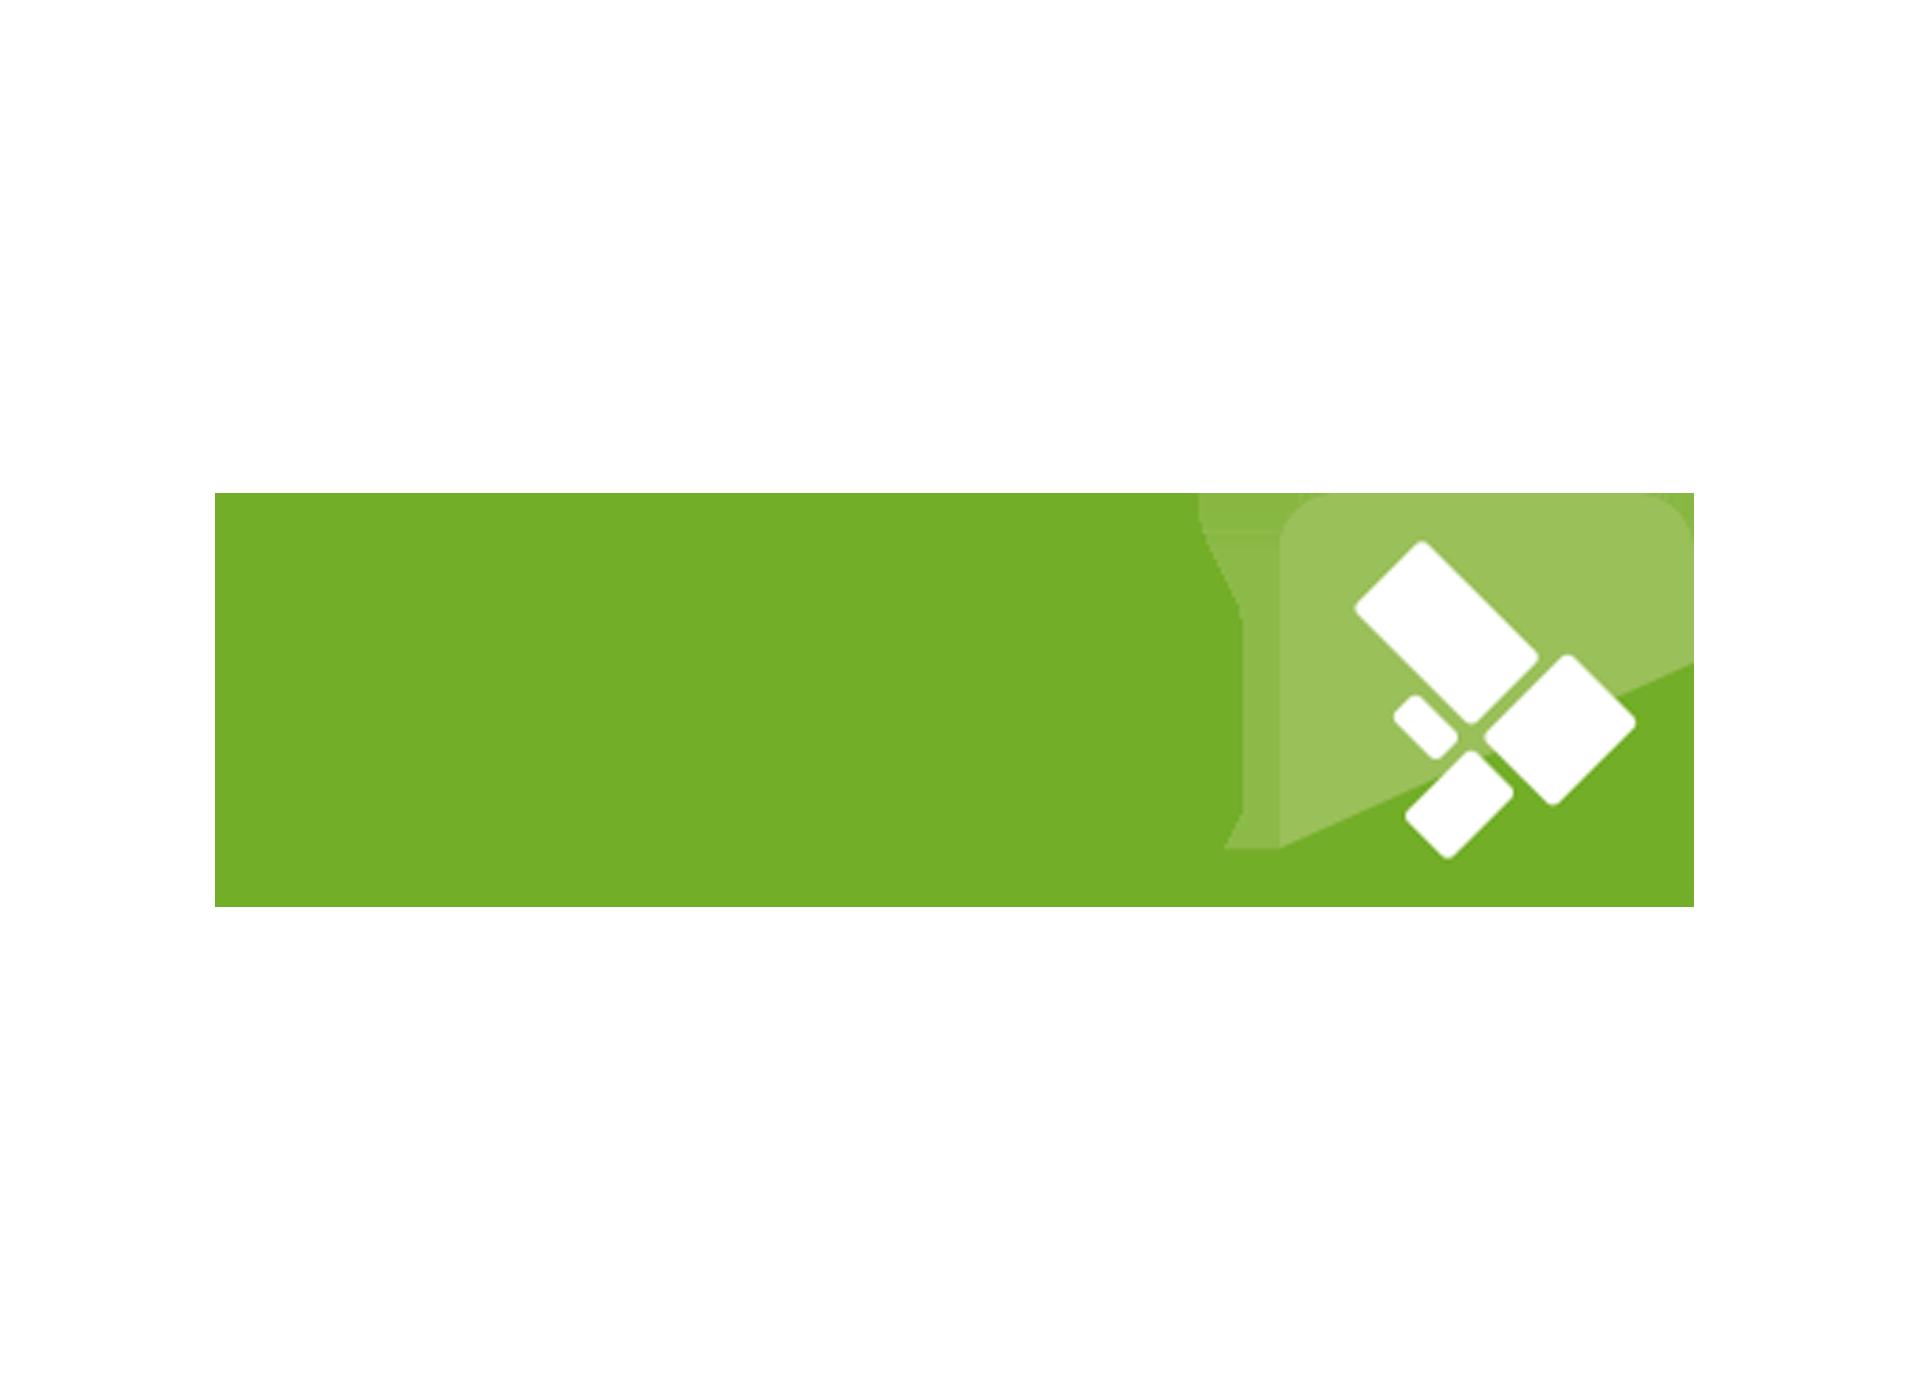 Sappa logo